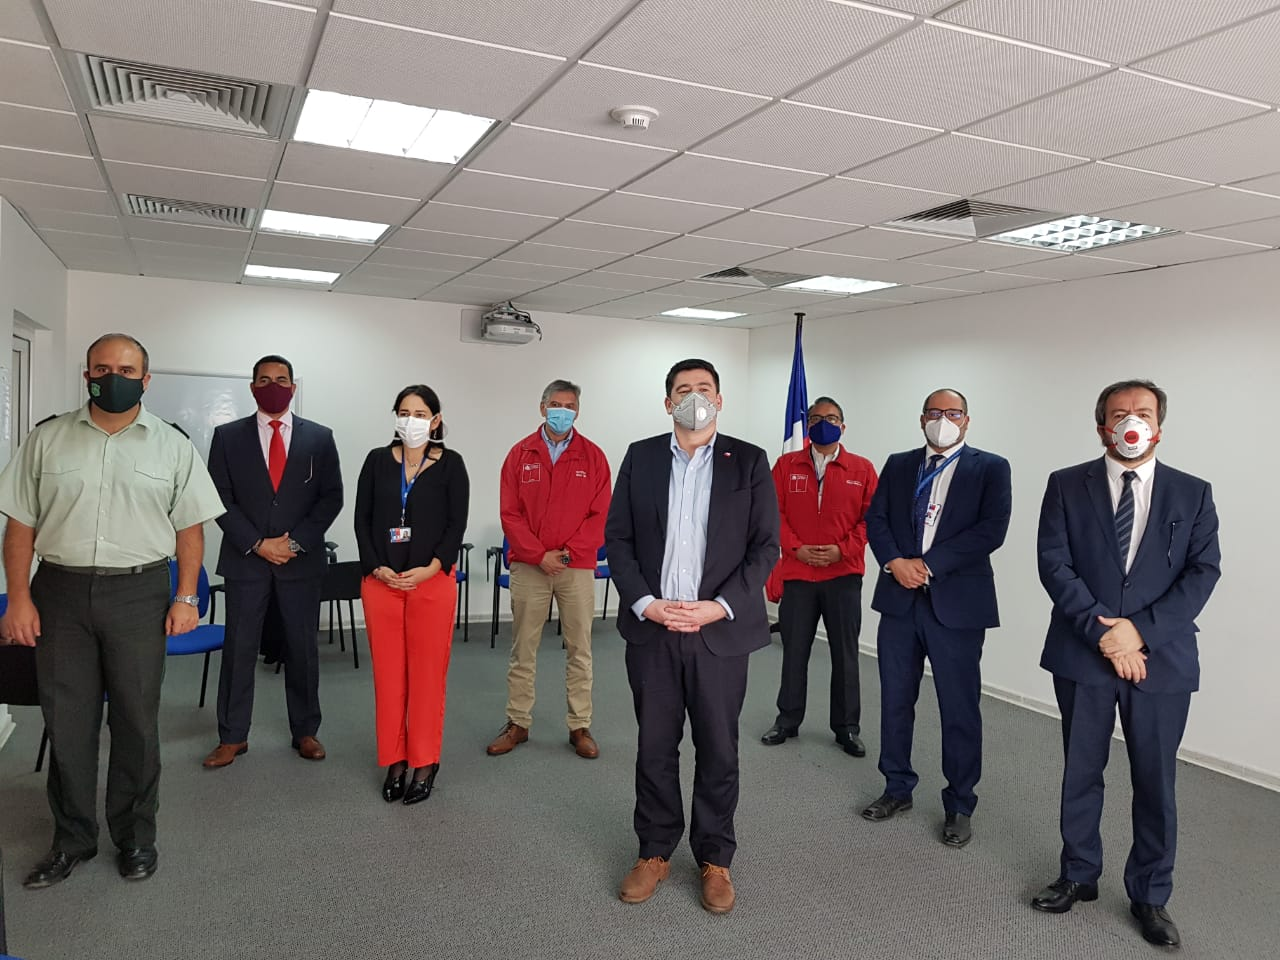 Subsecretario de Justicia efectúa visita a la Región de Arica y Parinacota